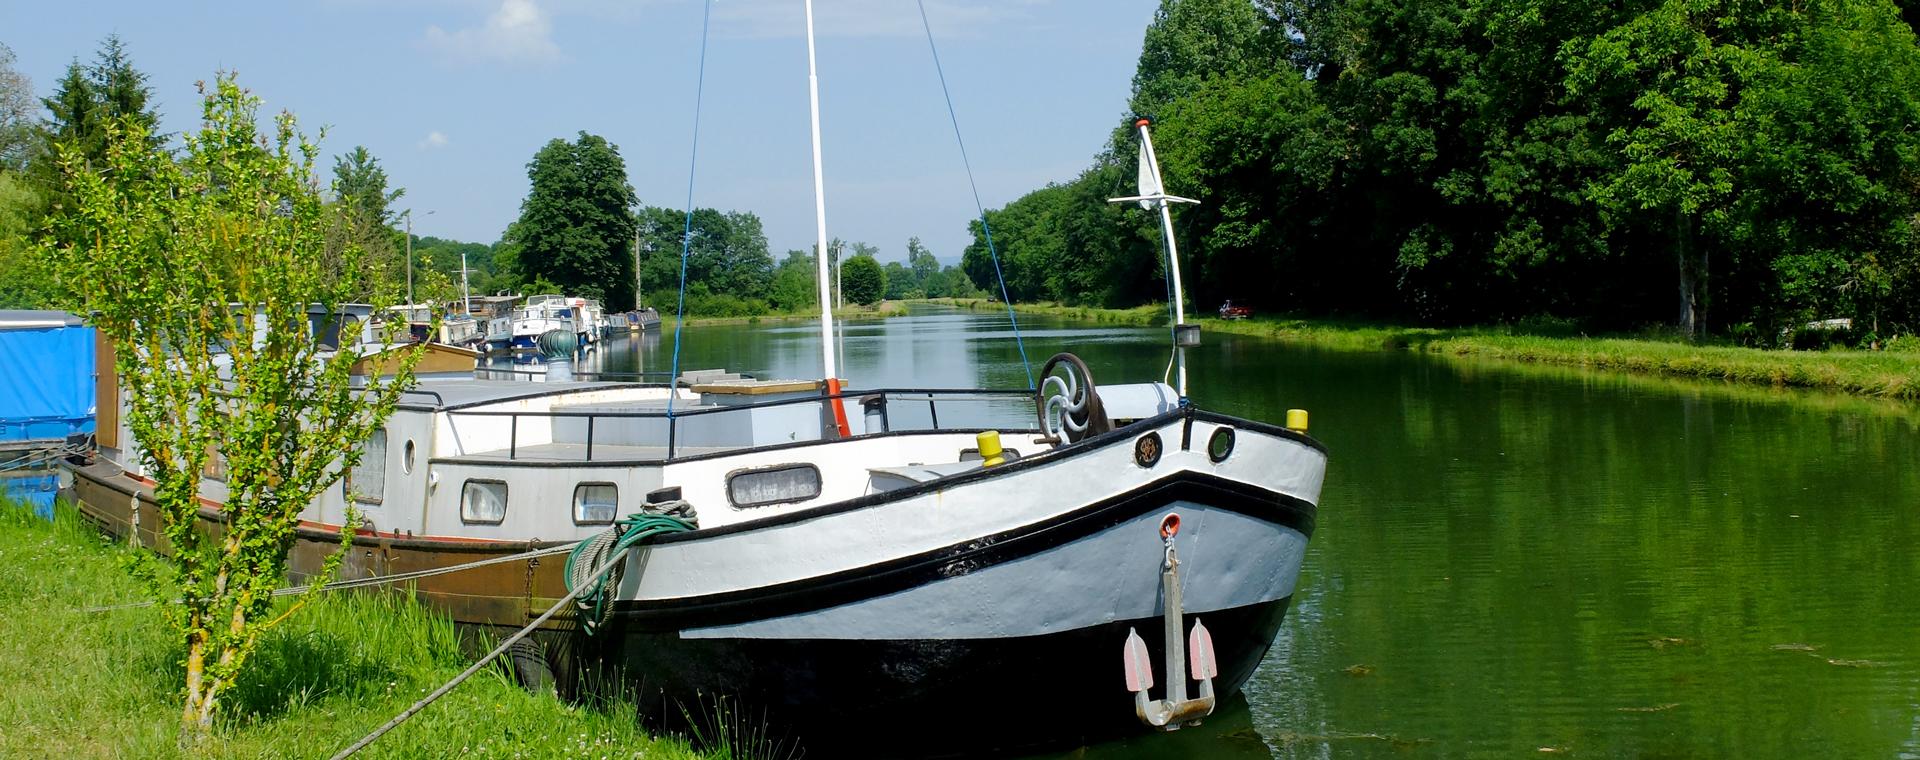 Image Canal de Bourgogne